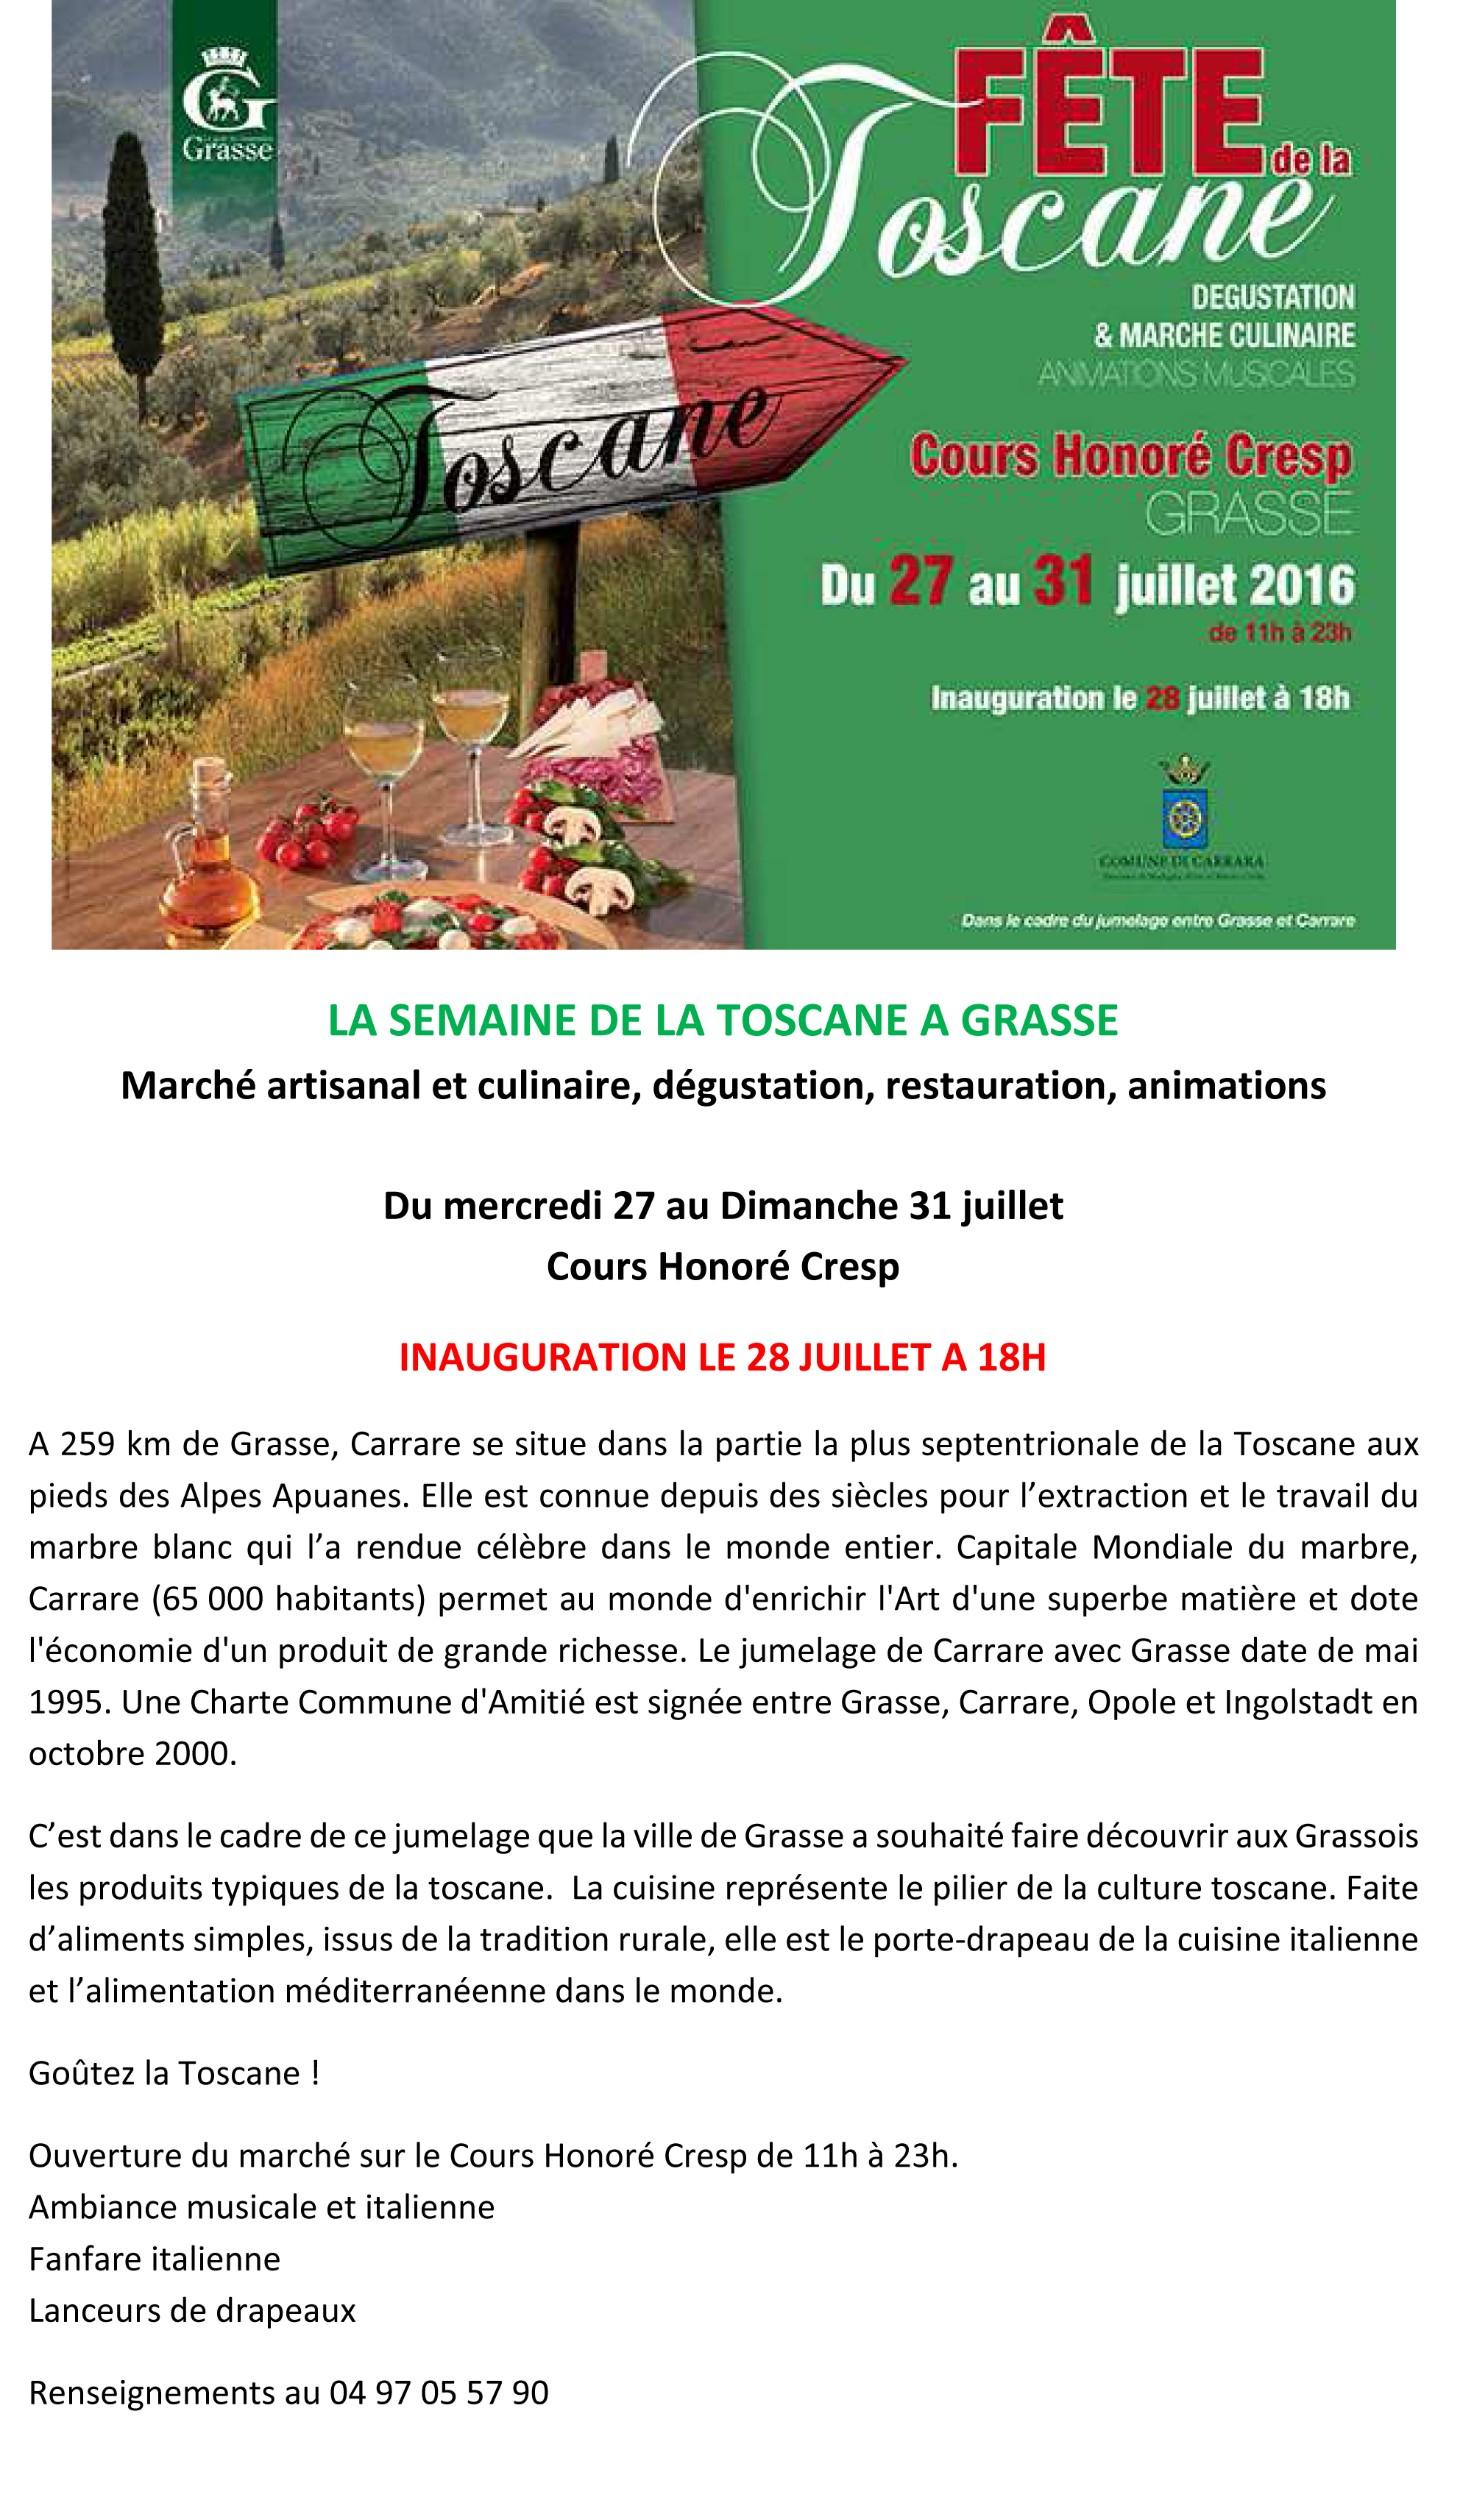 Grasse : «Fête de la Toscane 2016 » …